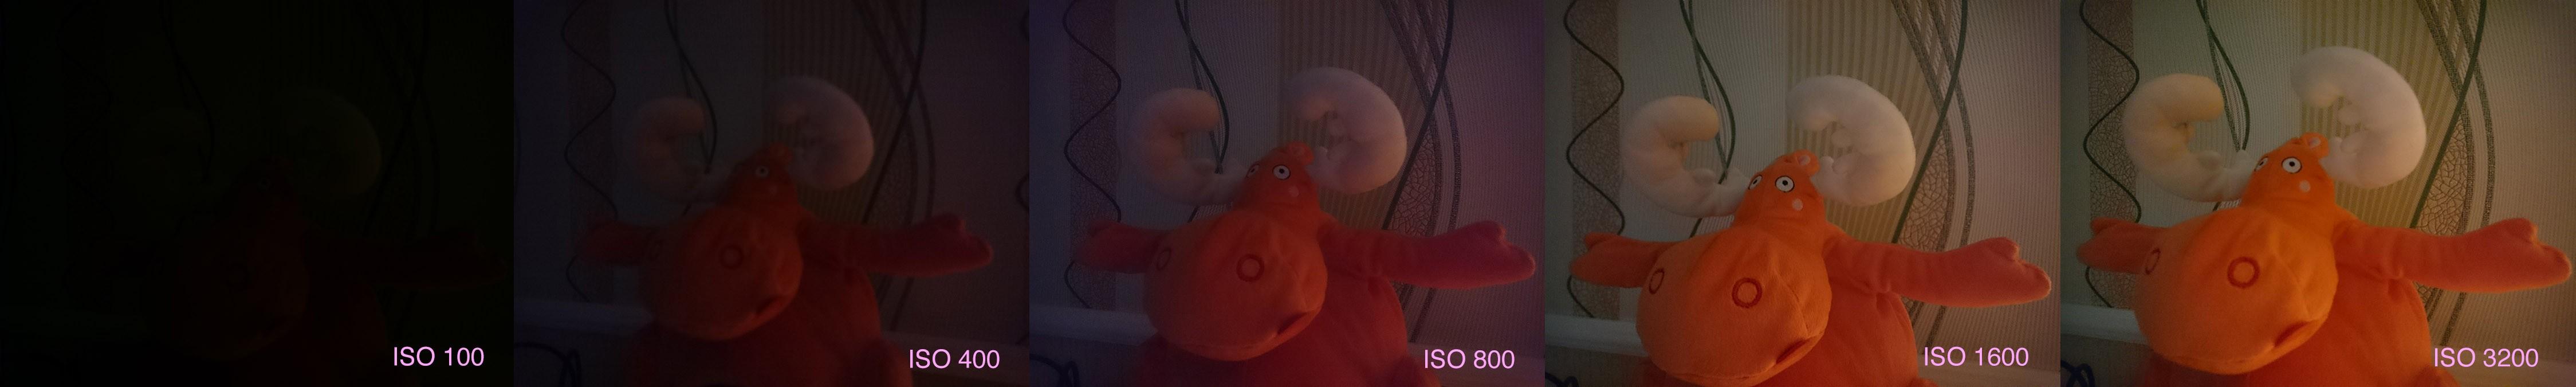 Тест ISO